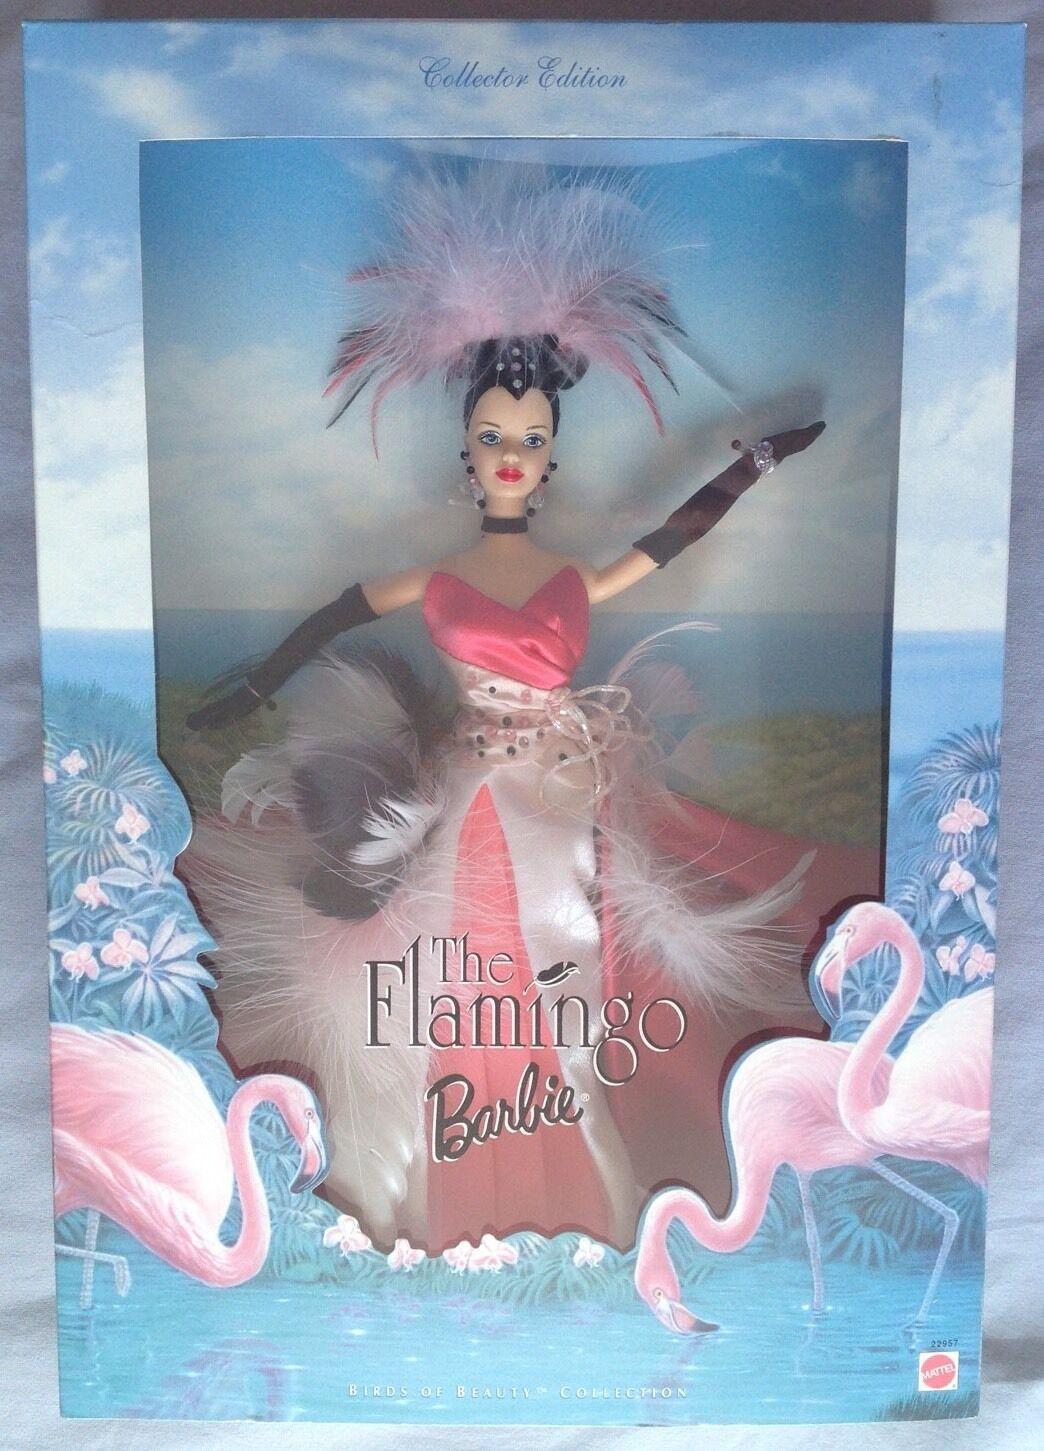 Mattel Poupée Barbie - The Flamingo (Le flamant rosado) - Birds Of Beauty